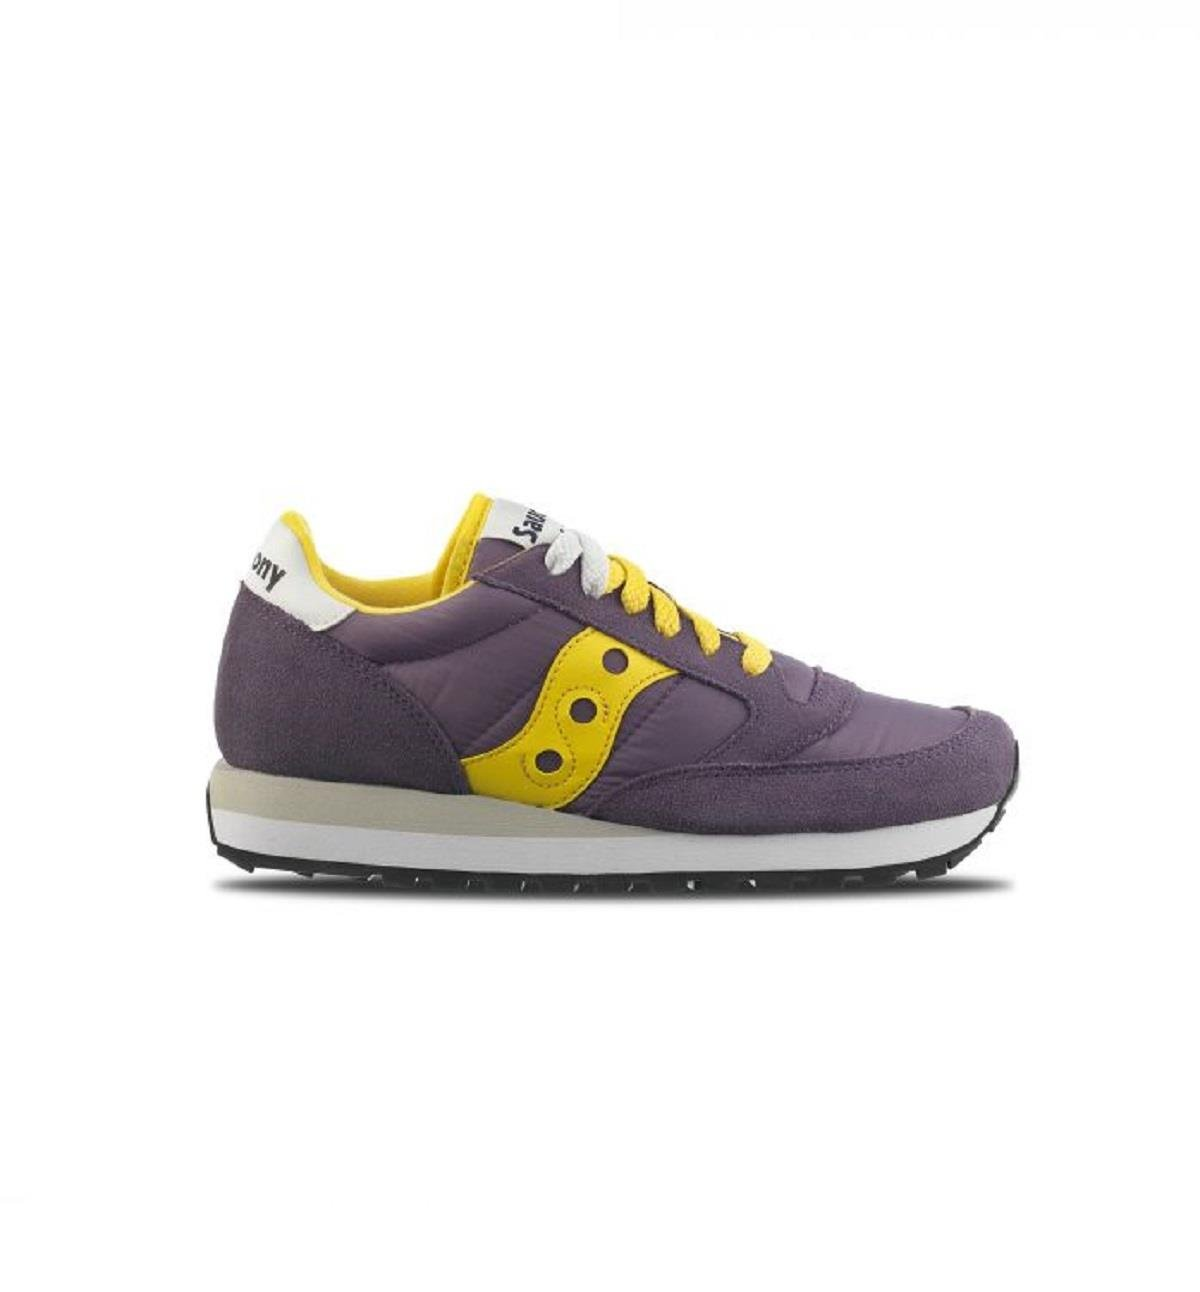 sneakers jazz donna saucony 1044/424 colore giallo viola. Nuova collezione autunno inverno 2017/2018. 5|Cadet/Maize